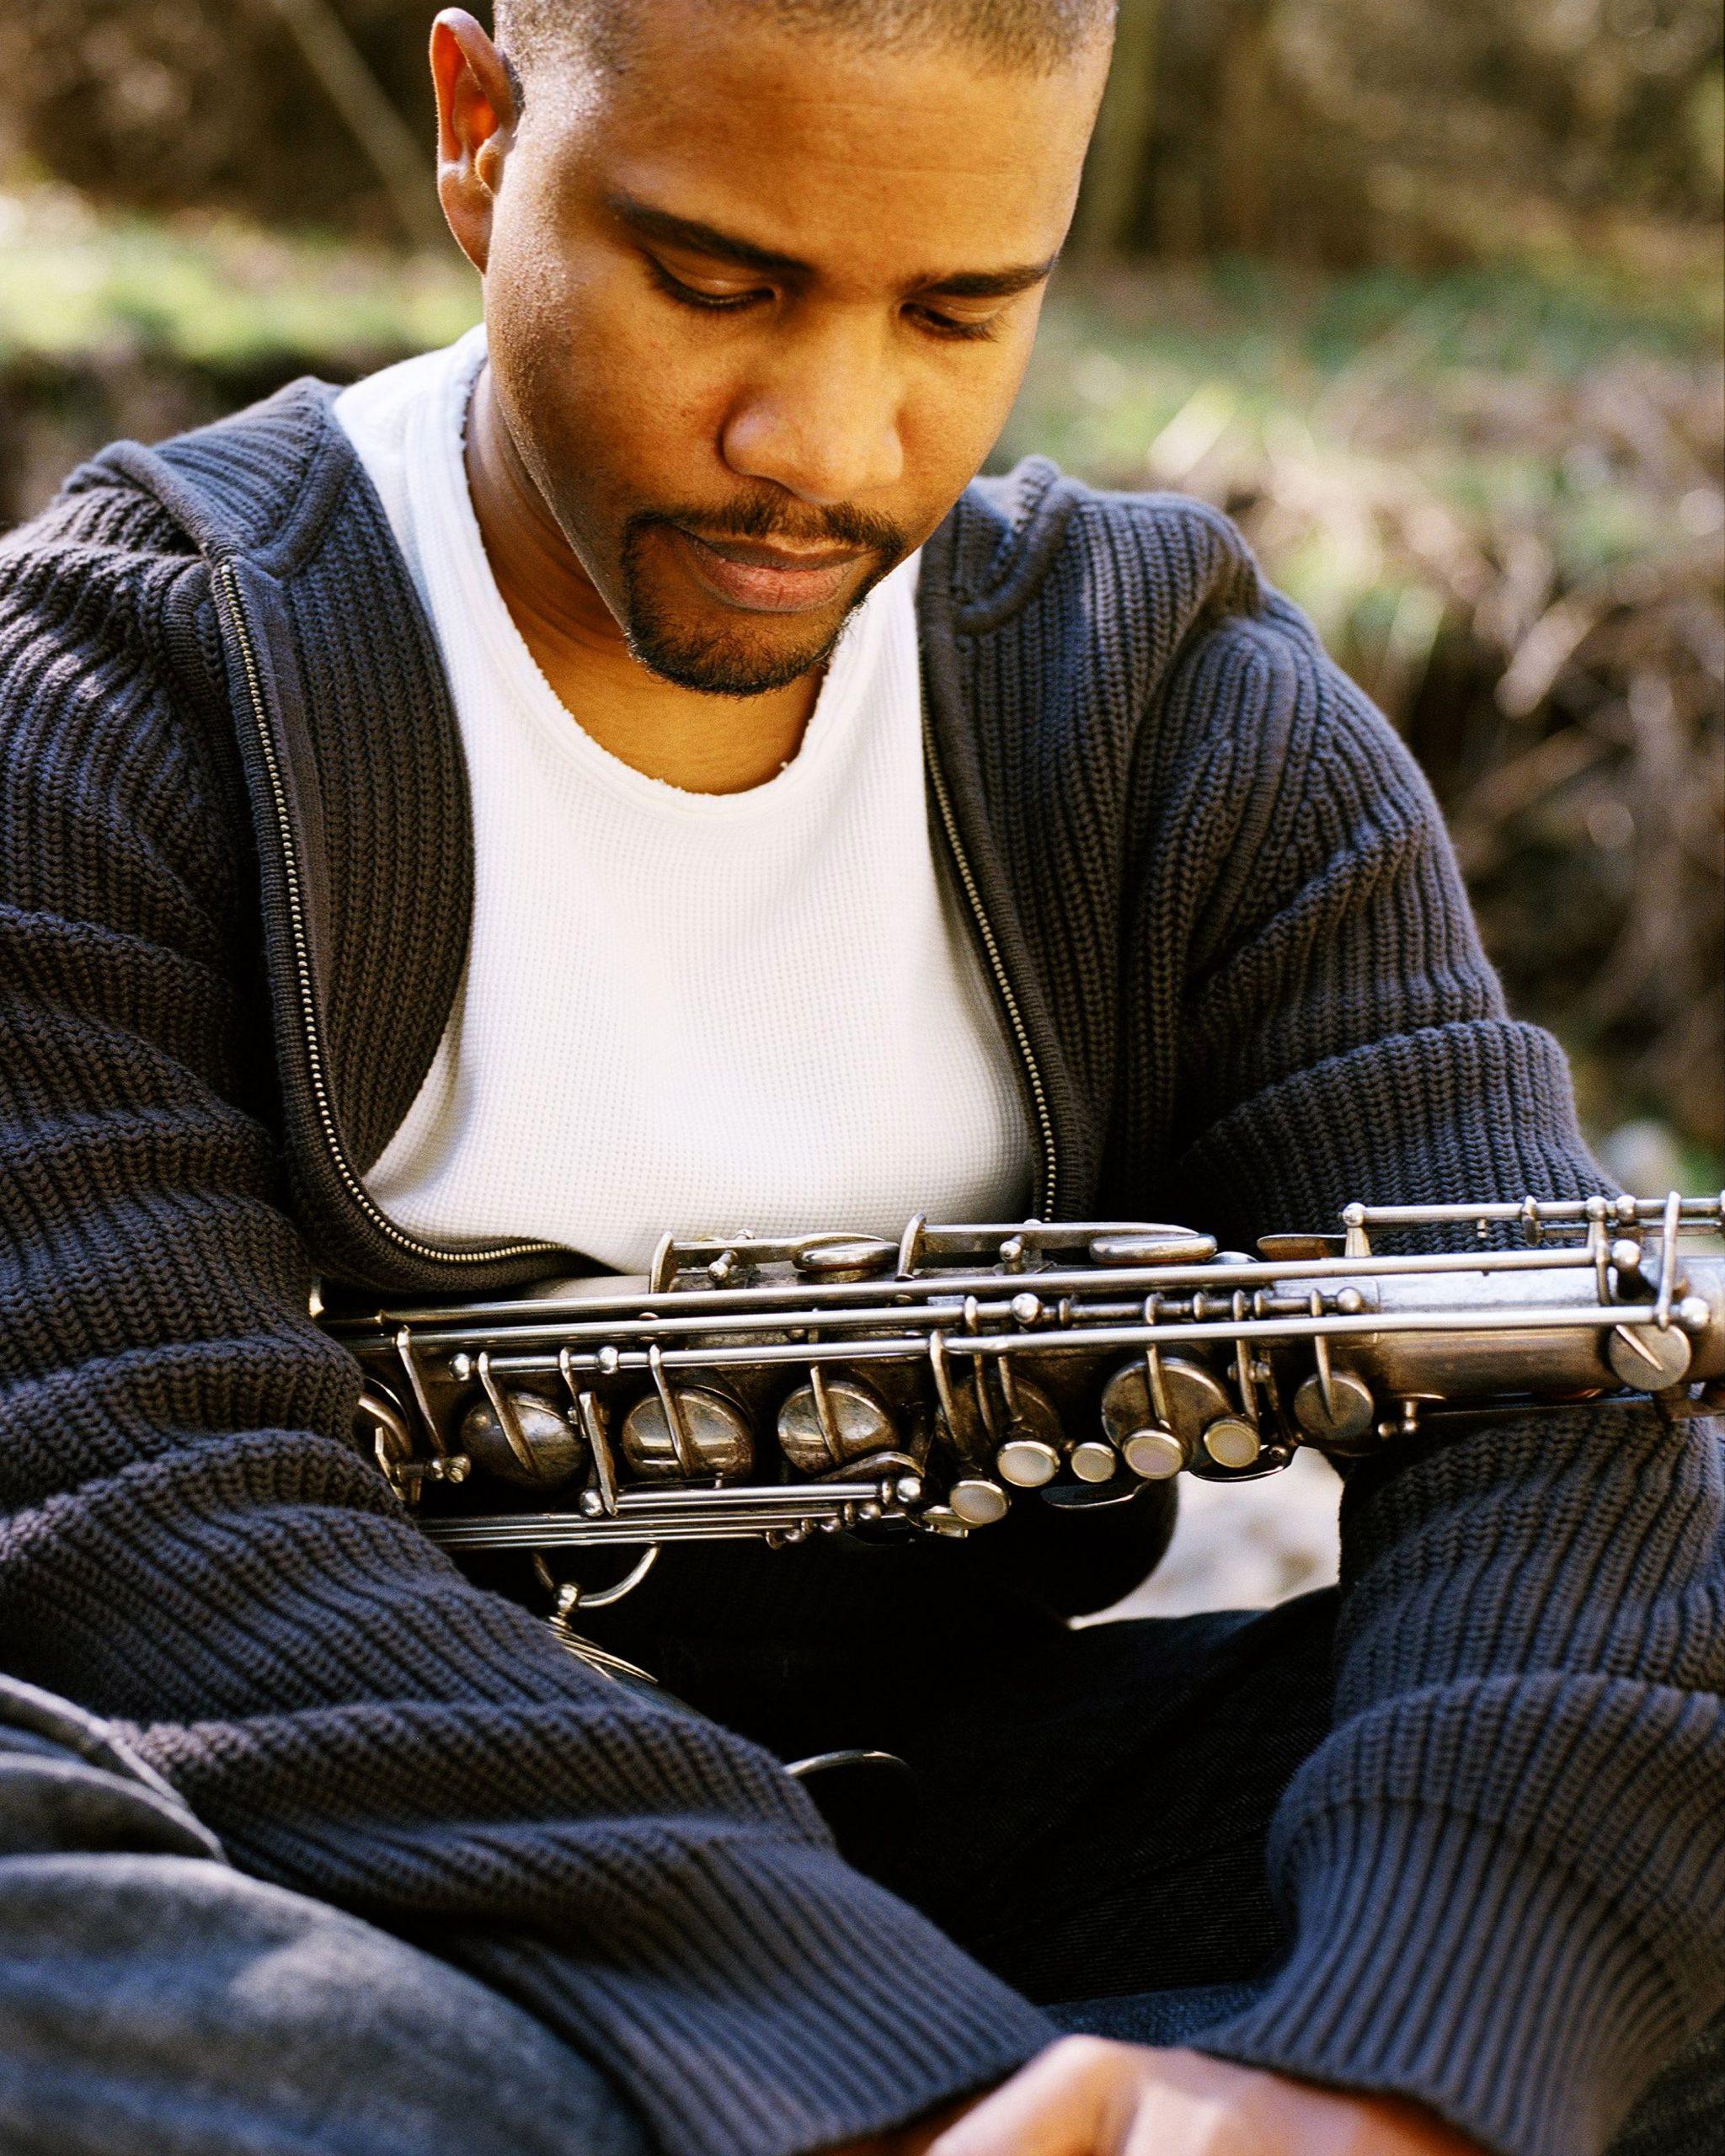 El músico está consciente de la importancia de absorver su entorno social y cultural. (Foto suministrada)